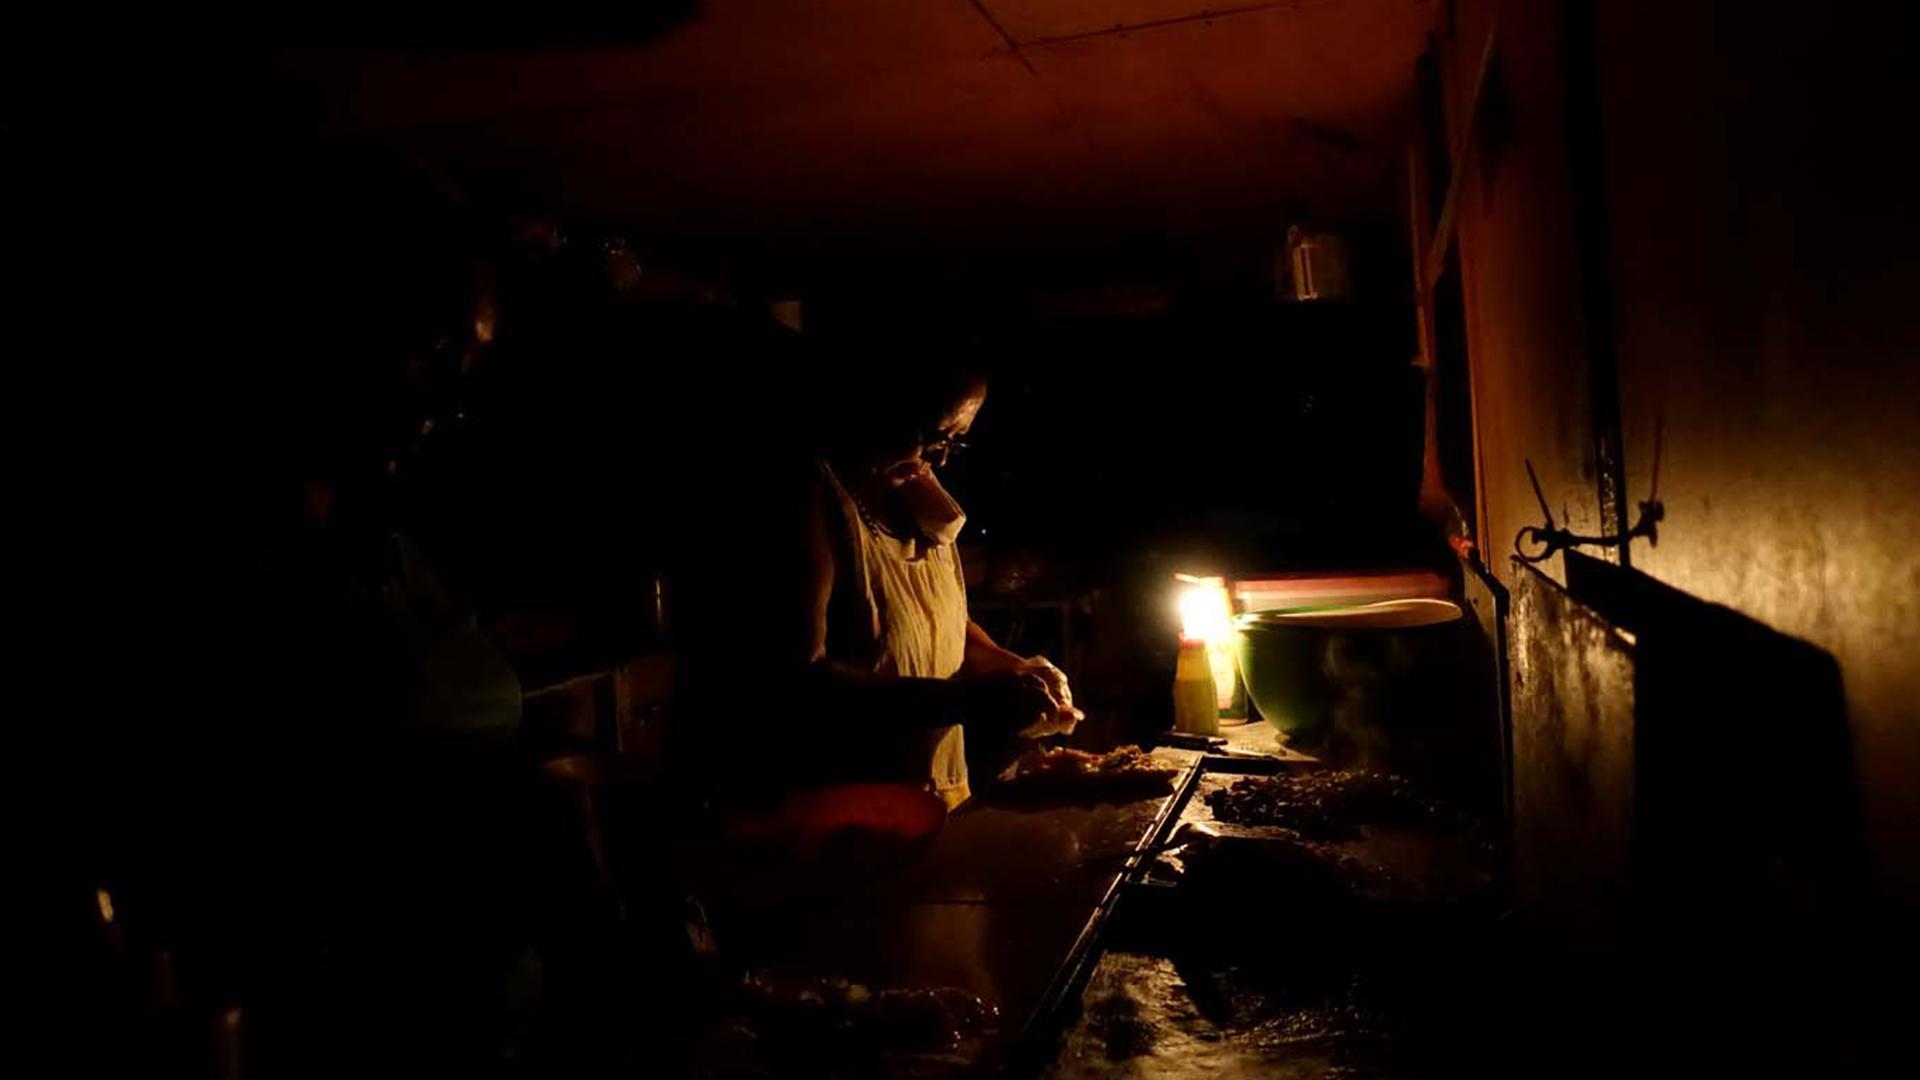 En el occidente de Venezuela el servicio eléctrico brilla por su ausencia